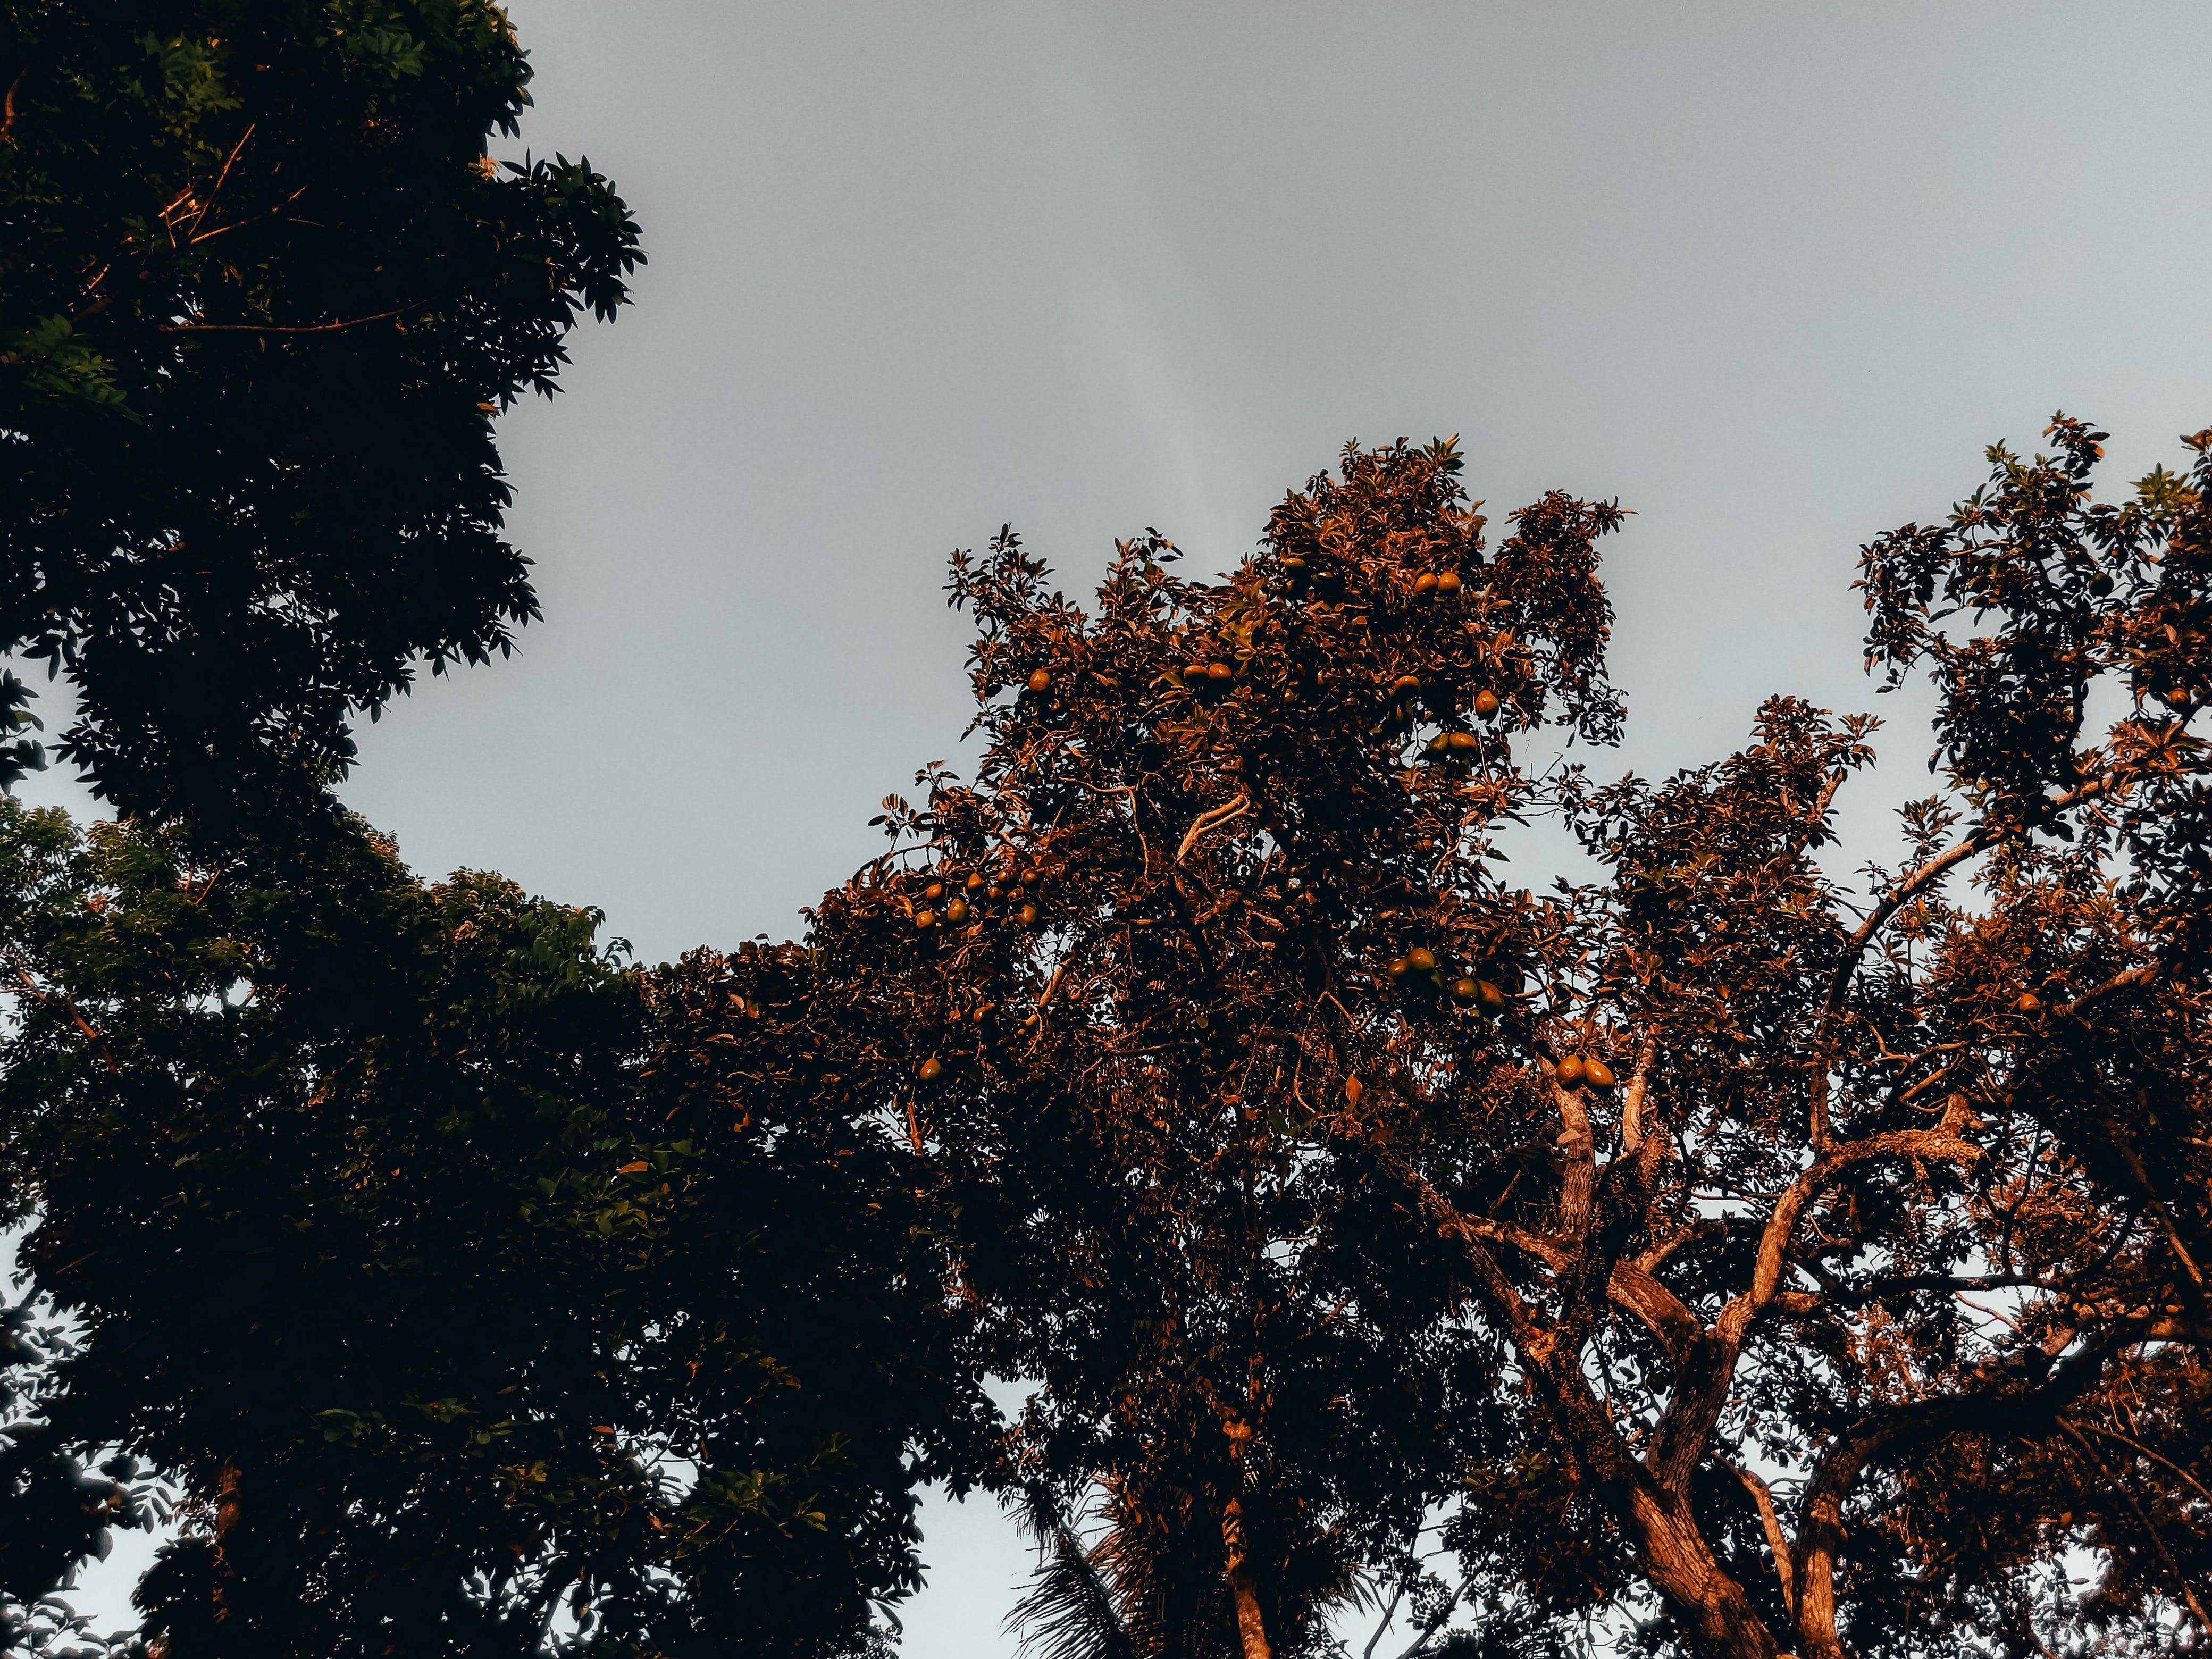 경치가 좋은, 과일, 과일 나무, 나무의 무료 스톡 사진